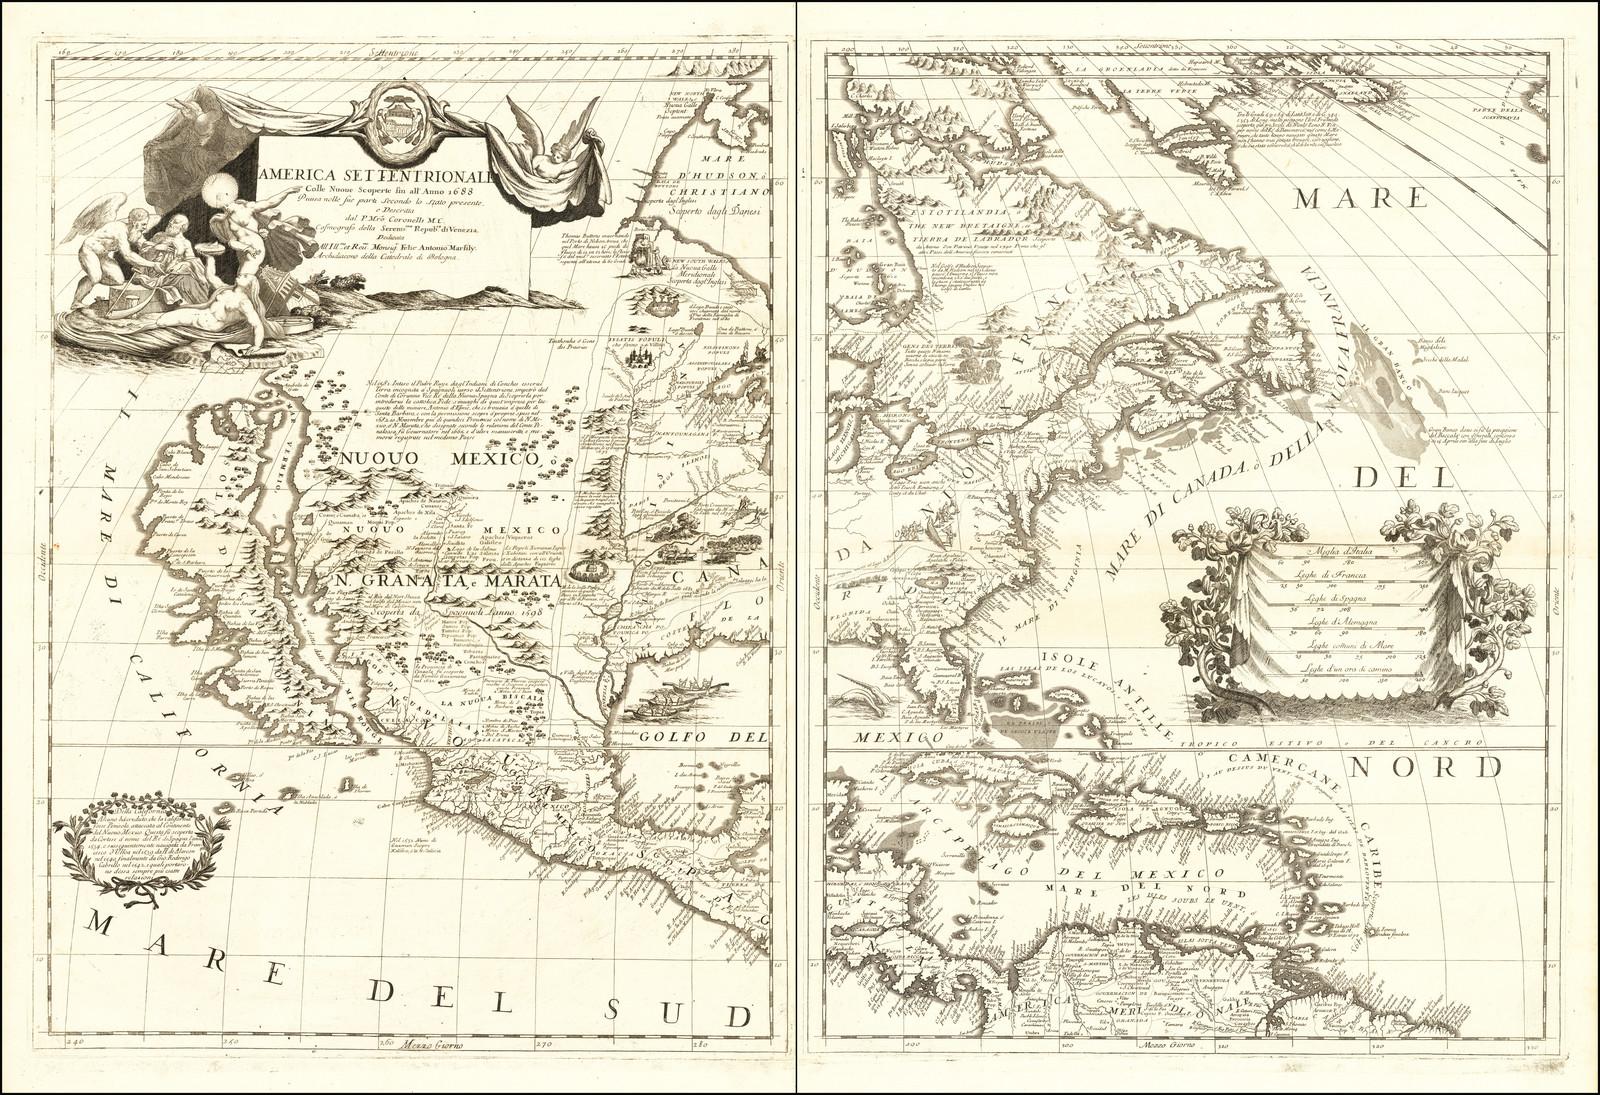 Краеугольная карта Северной Америки Коронелли - одна из самых влиятельных карт континента, опубликованная в конце семнадцатого века